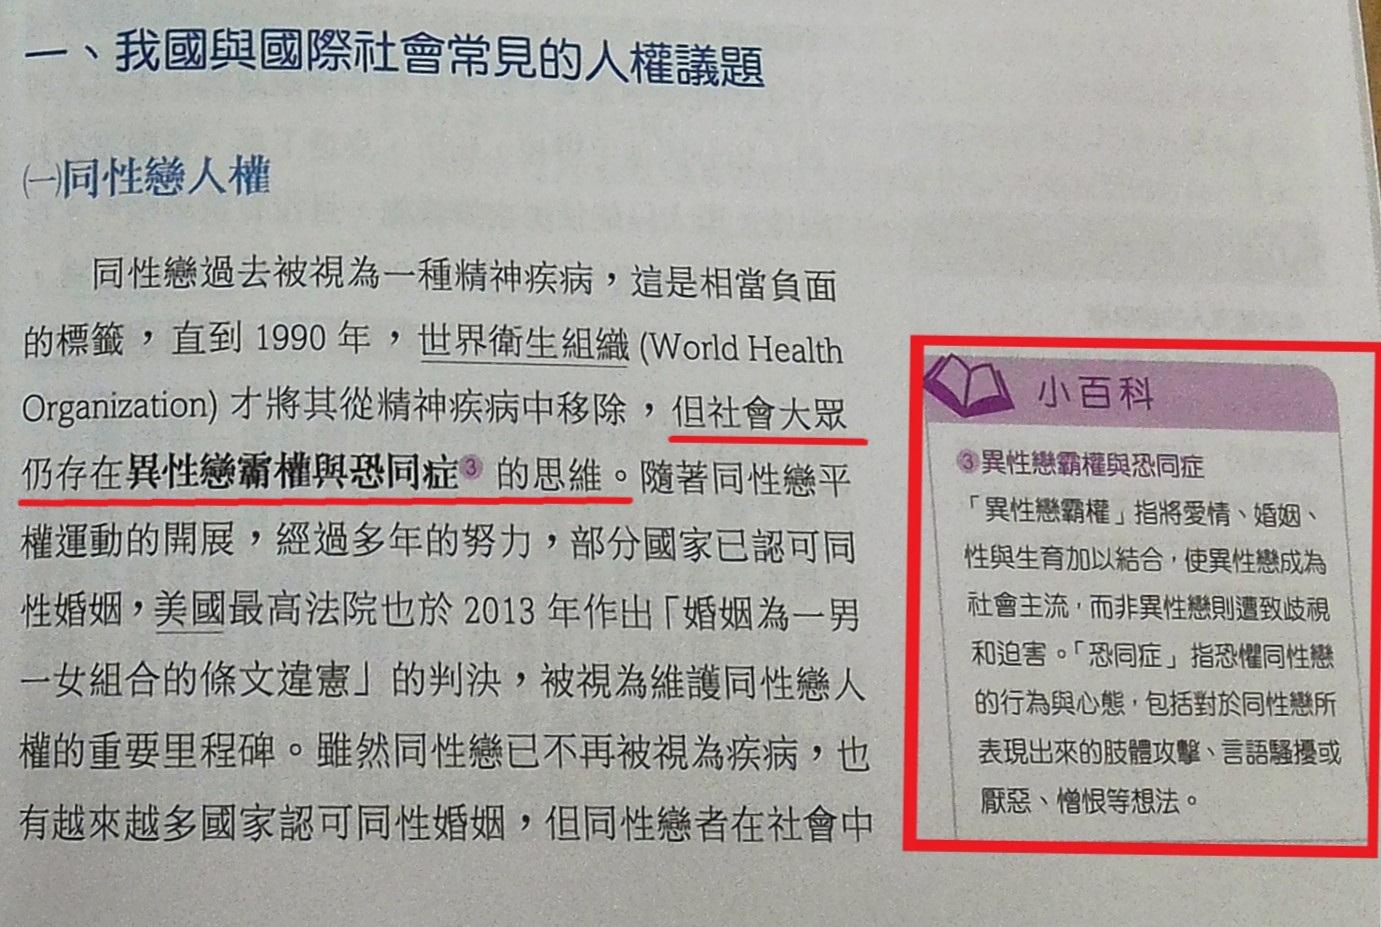 三民版高一公民與社會課本,直指社會大眾有「異性戀霸權」、「恐同症」,誤導學生,但其實台灣社會多數是友善同性戀者。